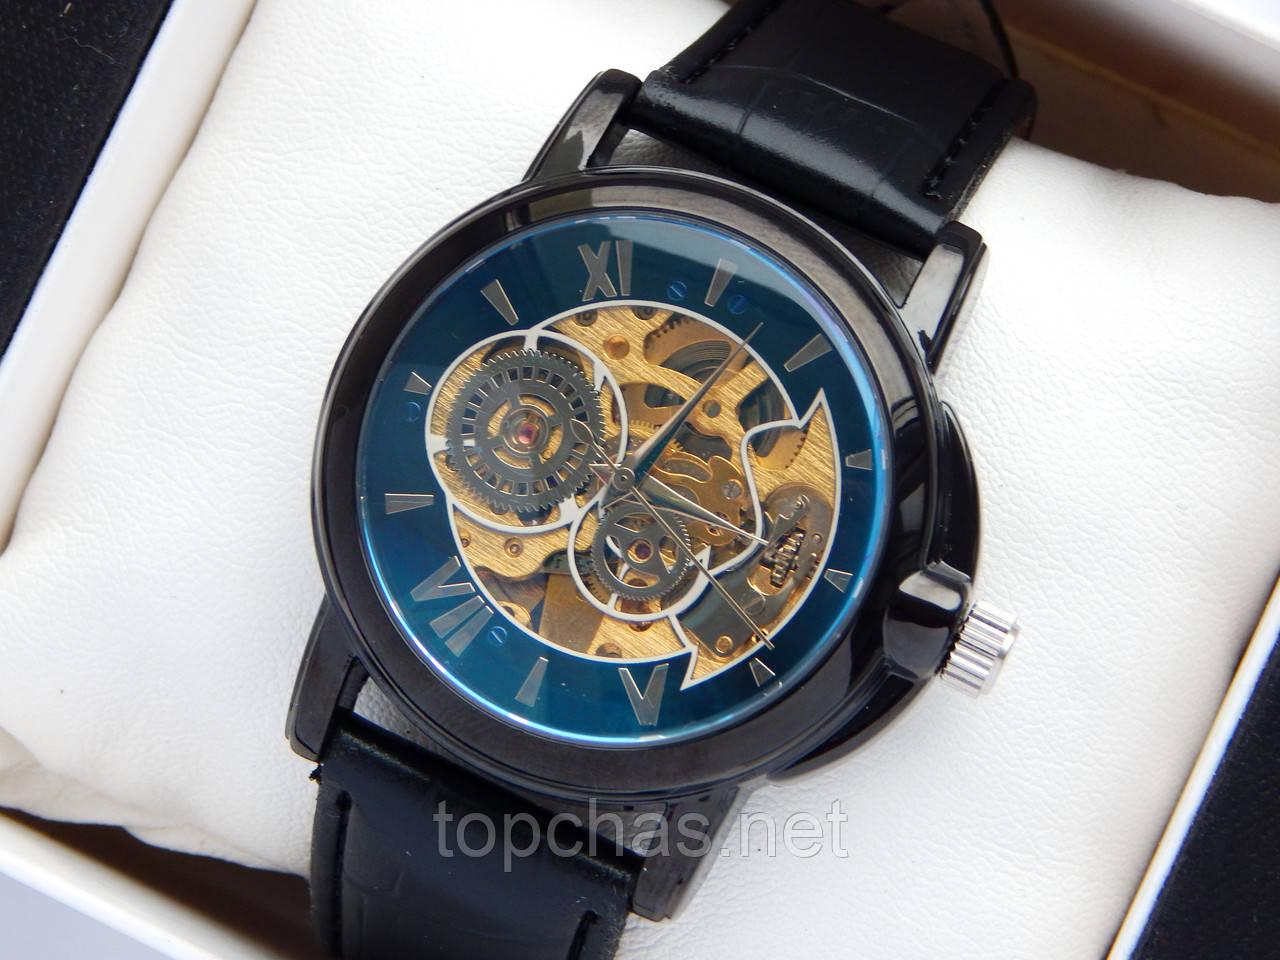 Мужские механические часы скелетоны, черные, шестерни на циферблате - Top  Chas - Интернет магазин 6f5cda8d07e